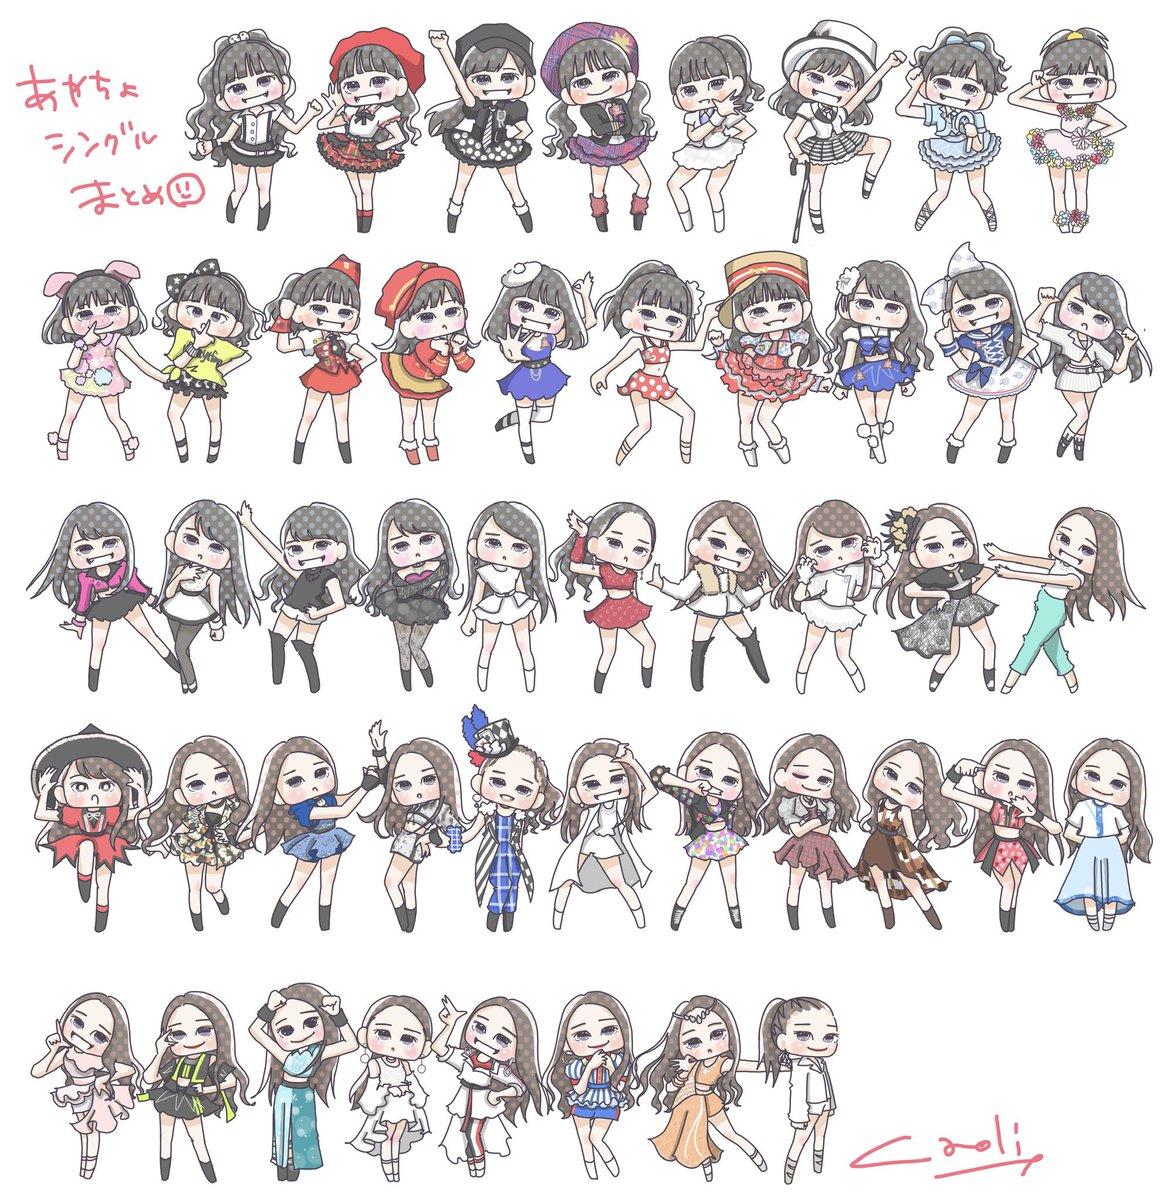 アンジュルム和田彩花ちゃん卒業記念この他にも沢山描きました。絶対悔いが残らないように!まだもう少しあるから早く描き終わって本にしたいと思っています。なにはともあれ!あやちょ卒業おめでとう!